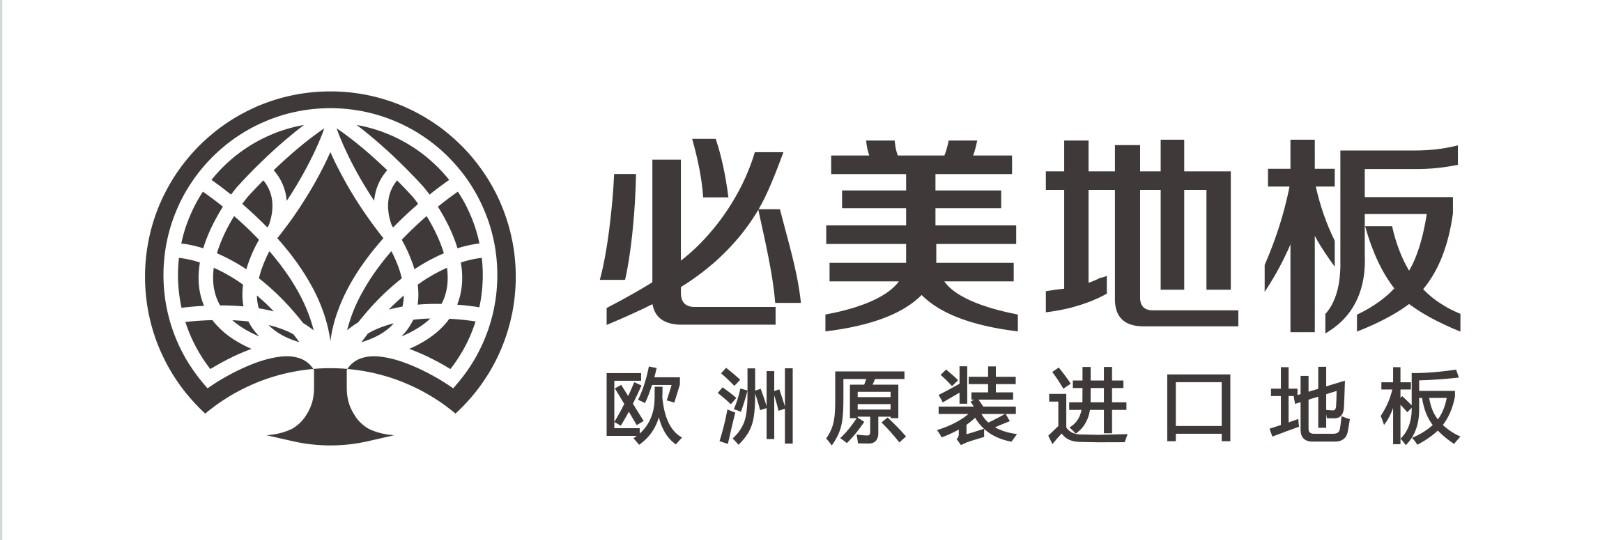 2020新版必美logo-1.jpg